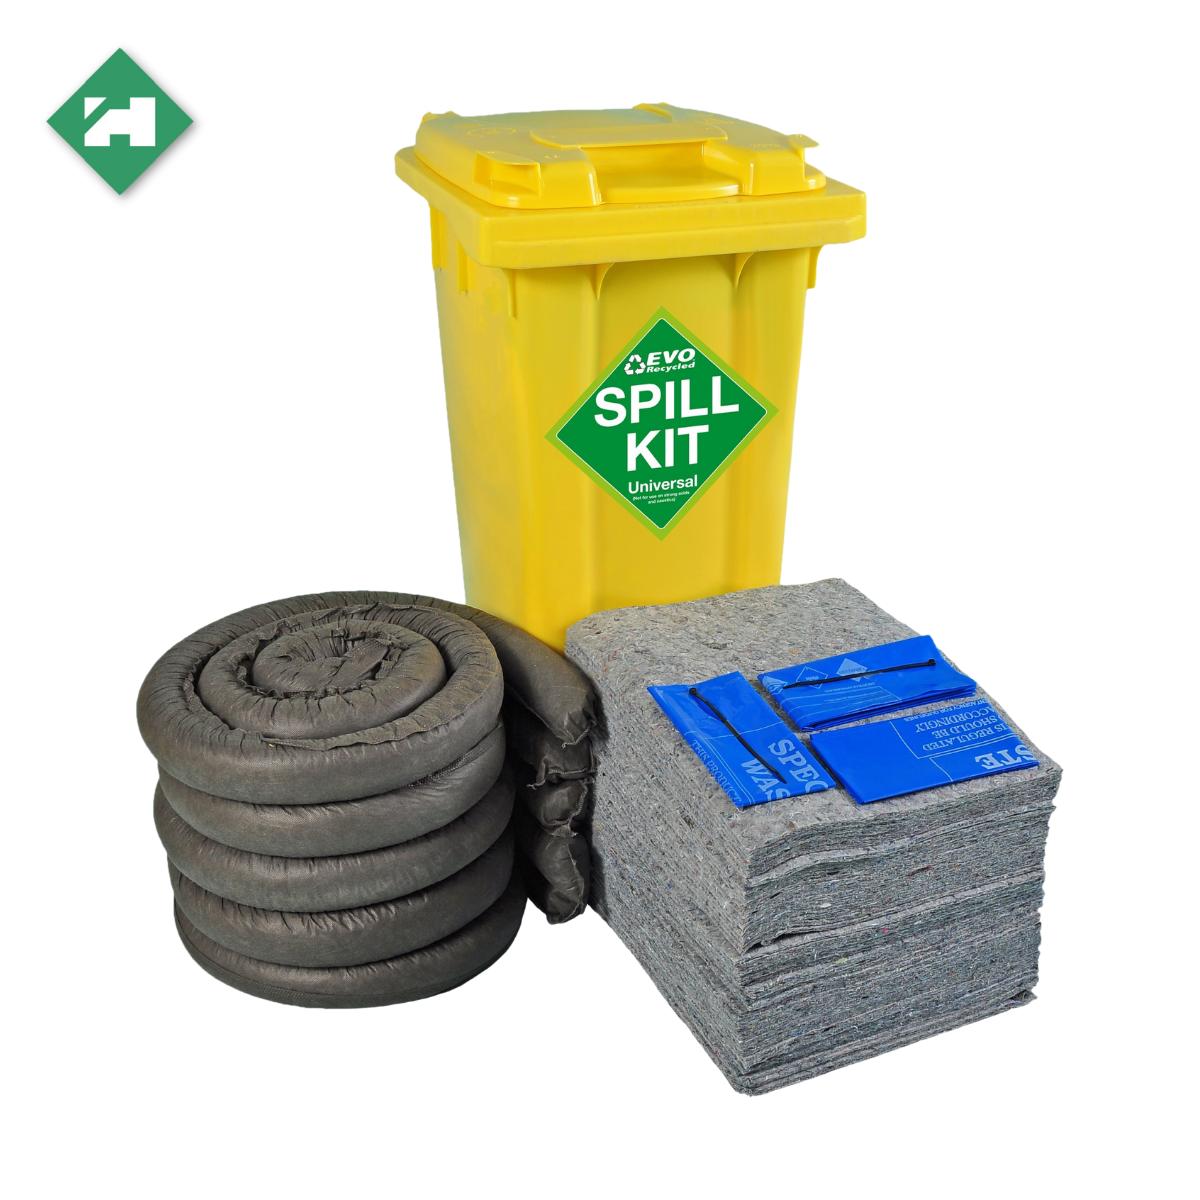 SC1200_Evo 120 Litre Spill Kit In Wheelie Bin